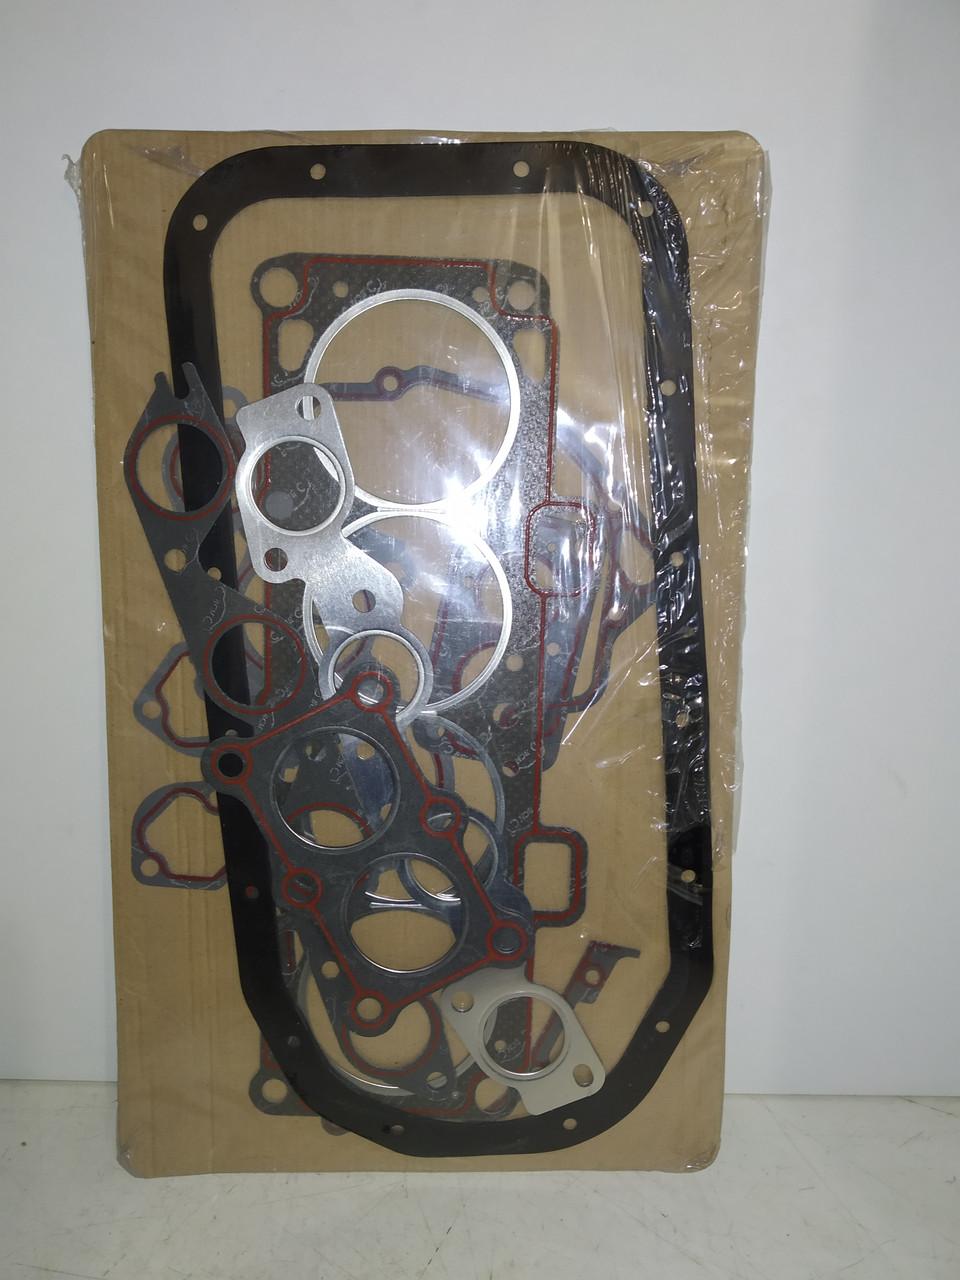 Прокладка двигателя полный комплект ВАЗ 2110,2111,2112 (16 кл) БЦМ